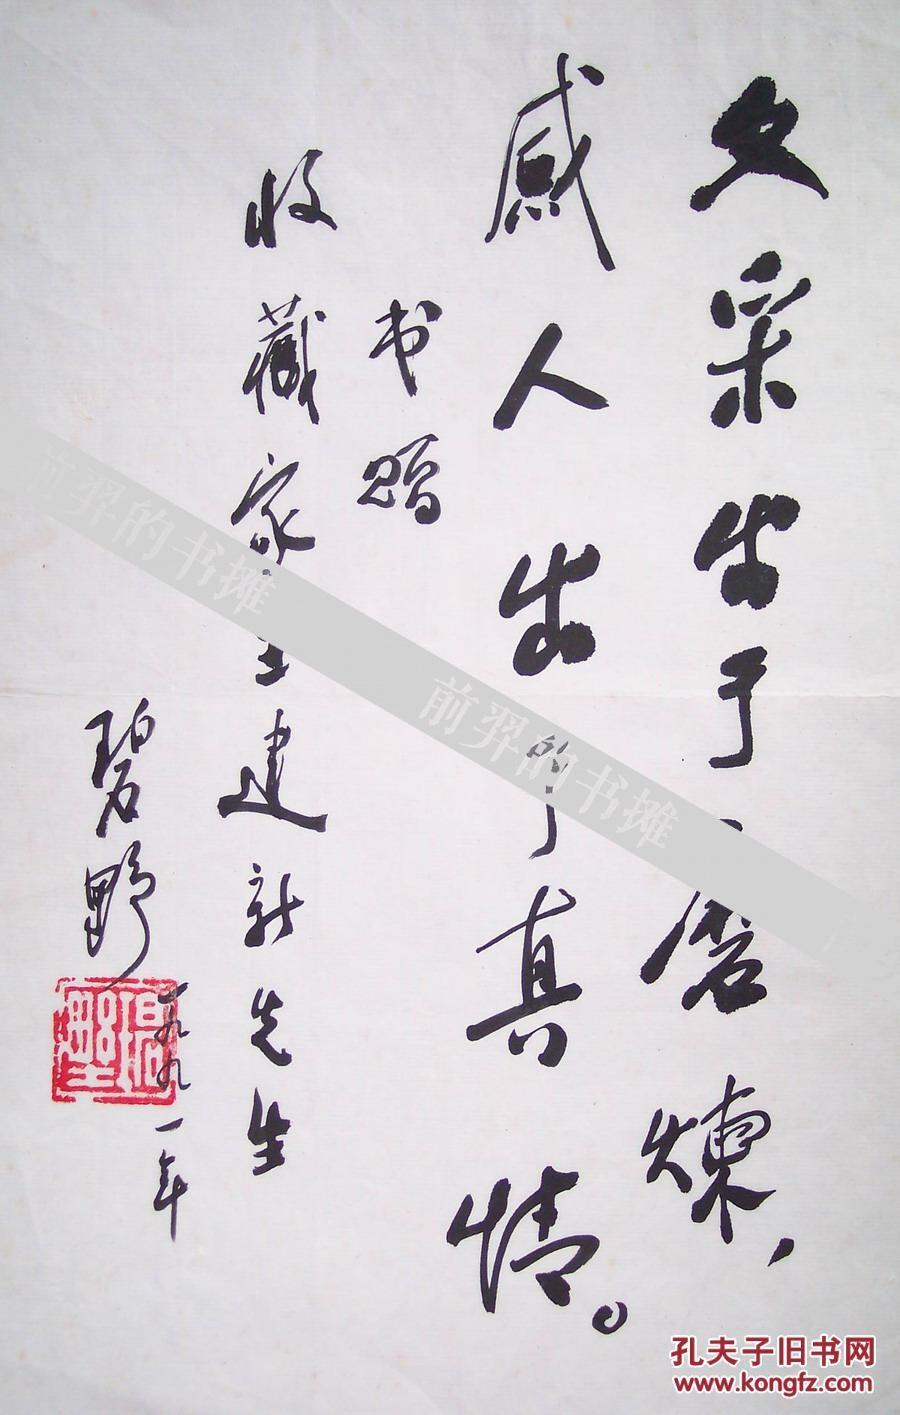 """不妄不欺斋藏品:碧野毛笔书法,钤""""碧野""""白文印,附致上款人王建新实寄封"""